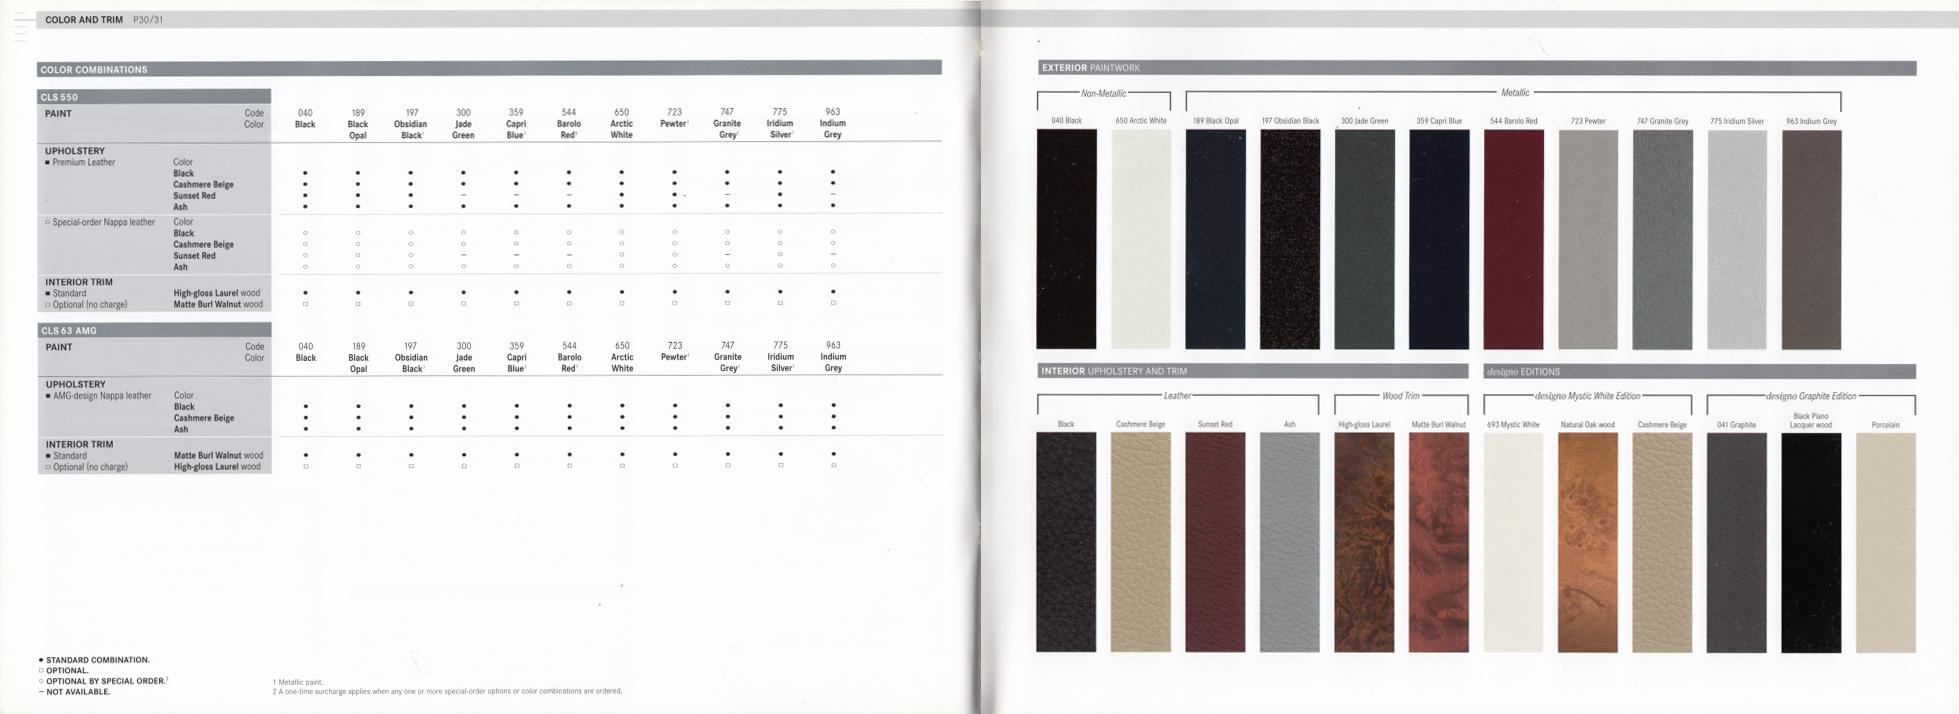 (C219): Catálogo USA 2007 - inglês 017